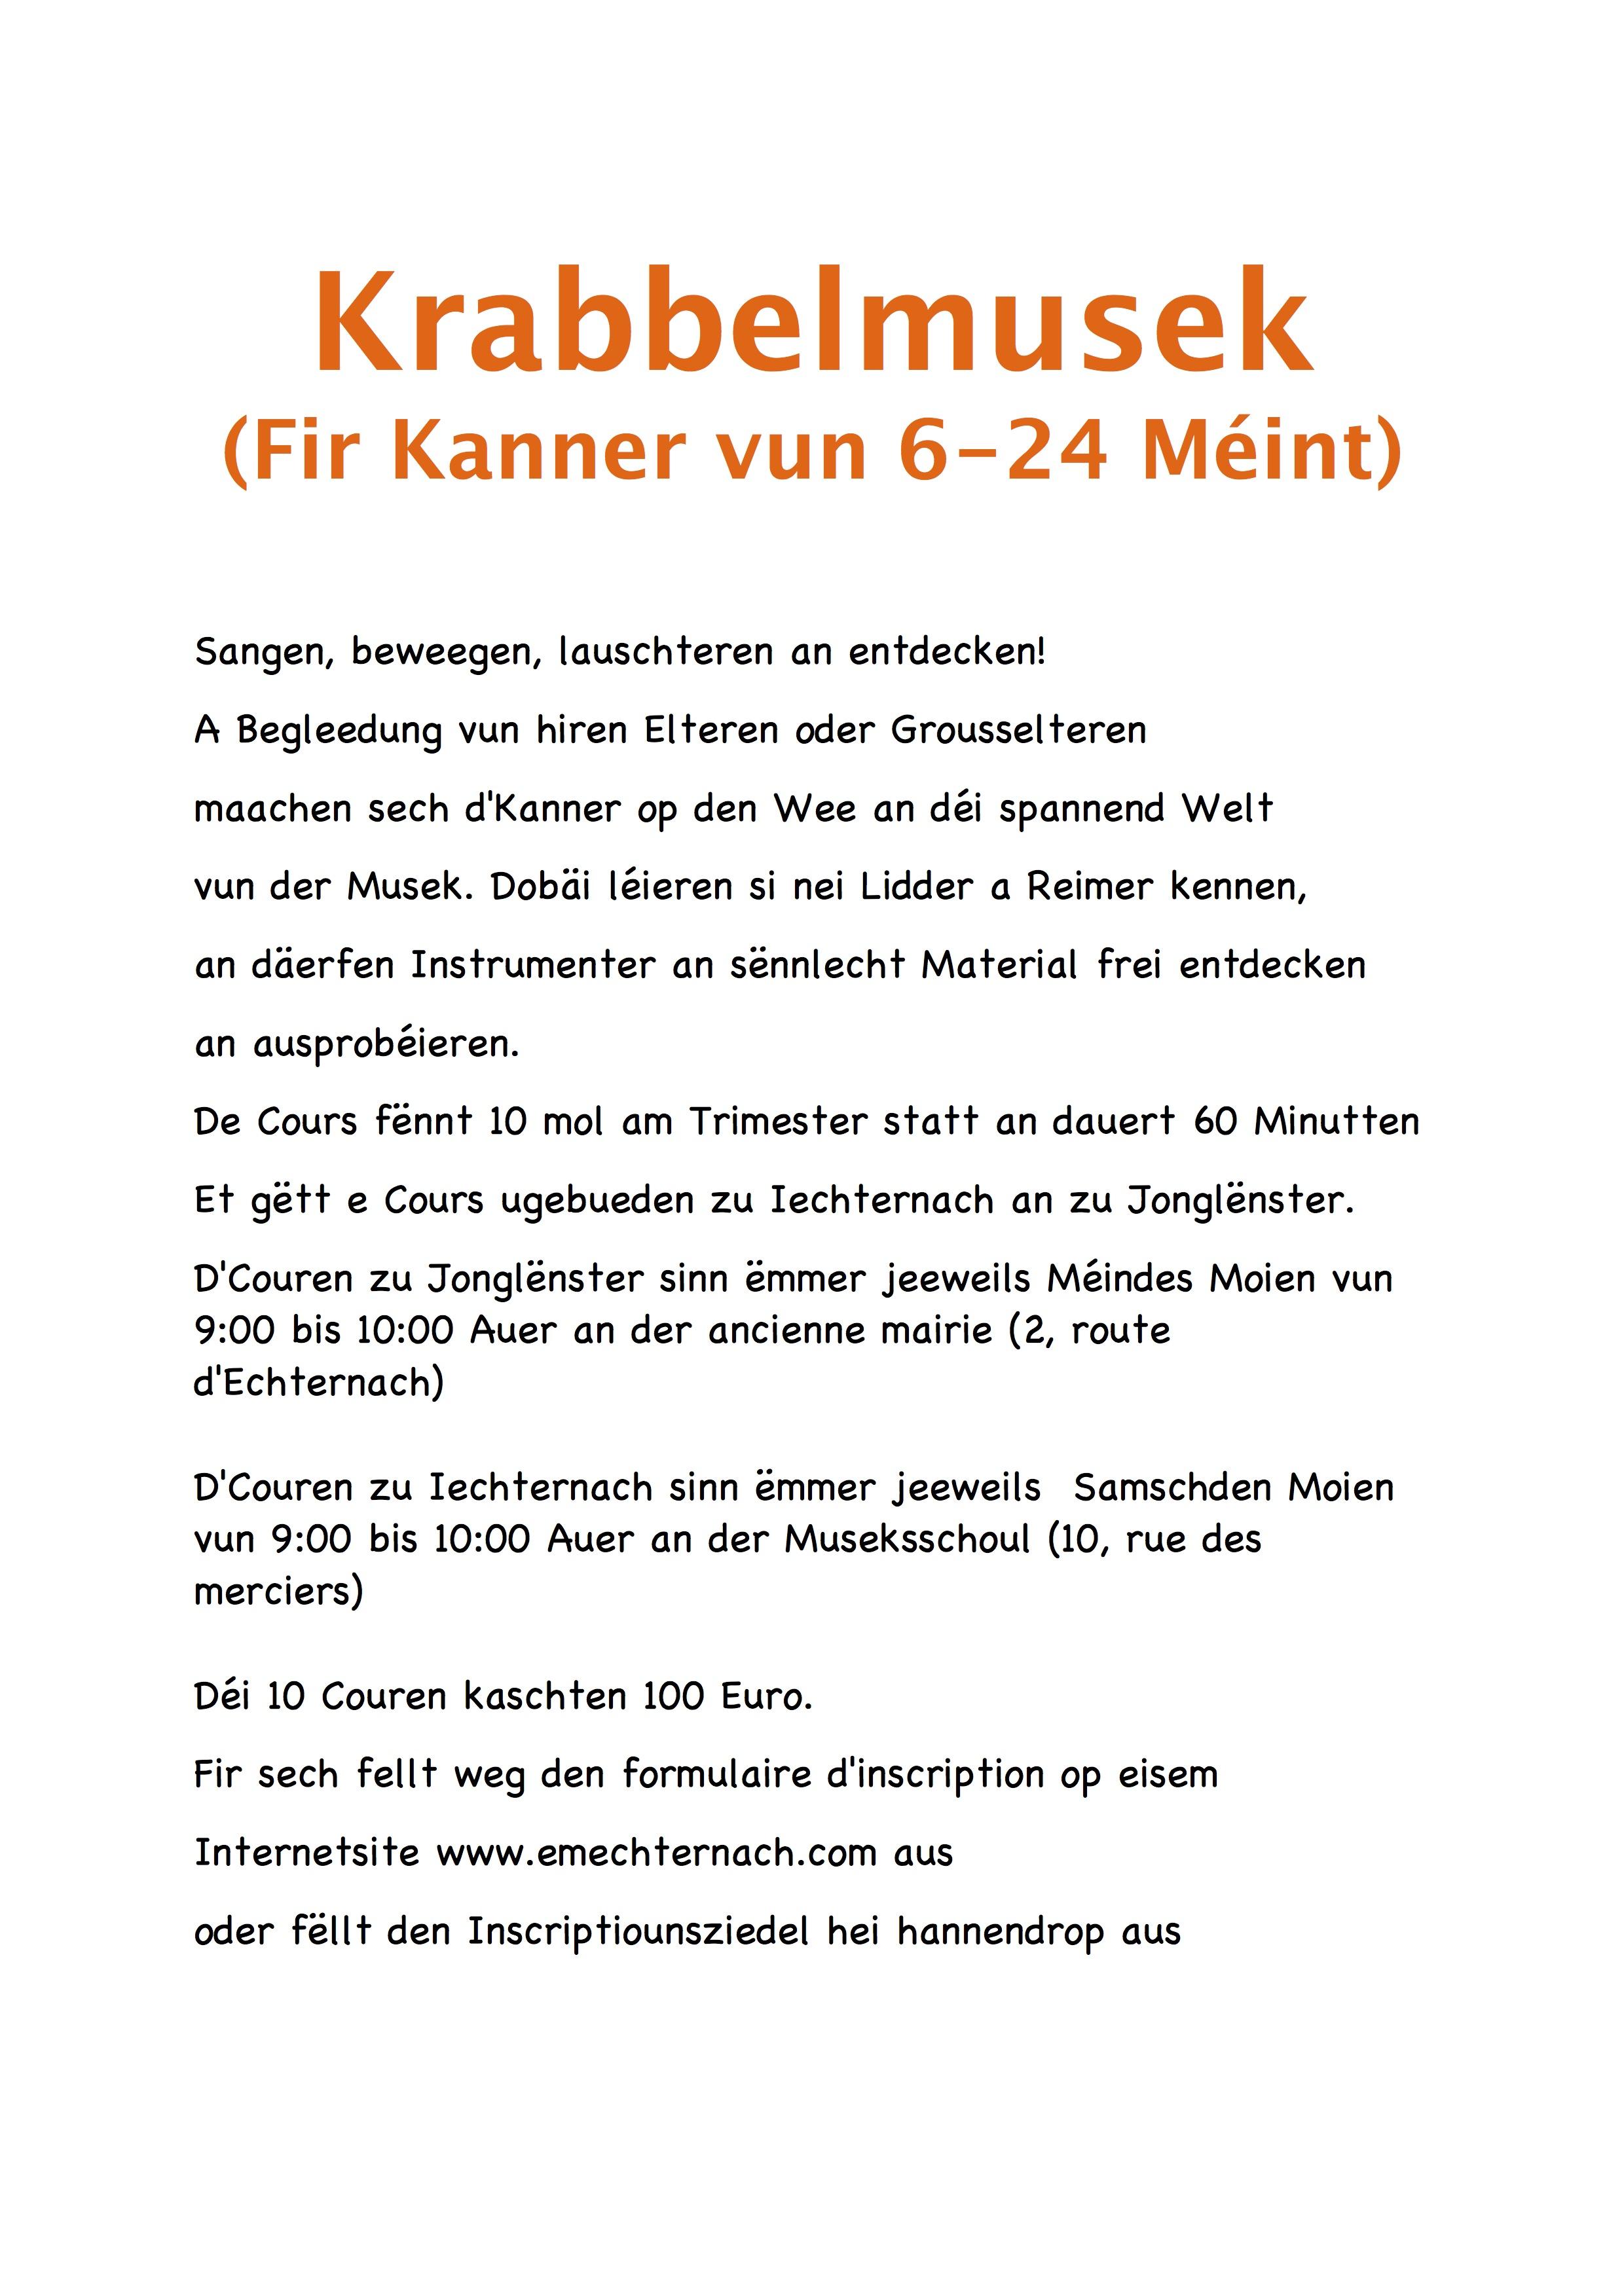 Butzemusek an Krabbelmusek Flyer copy 2